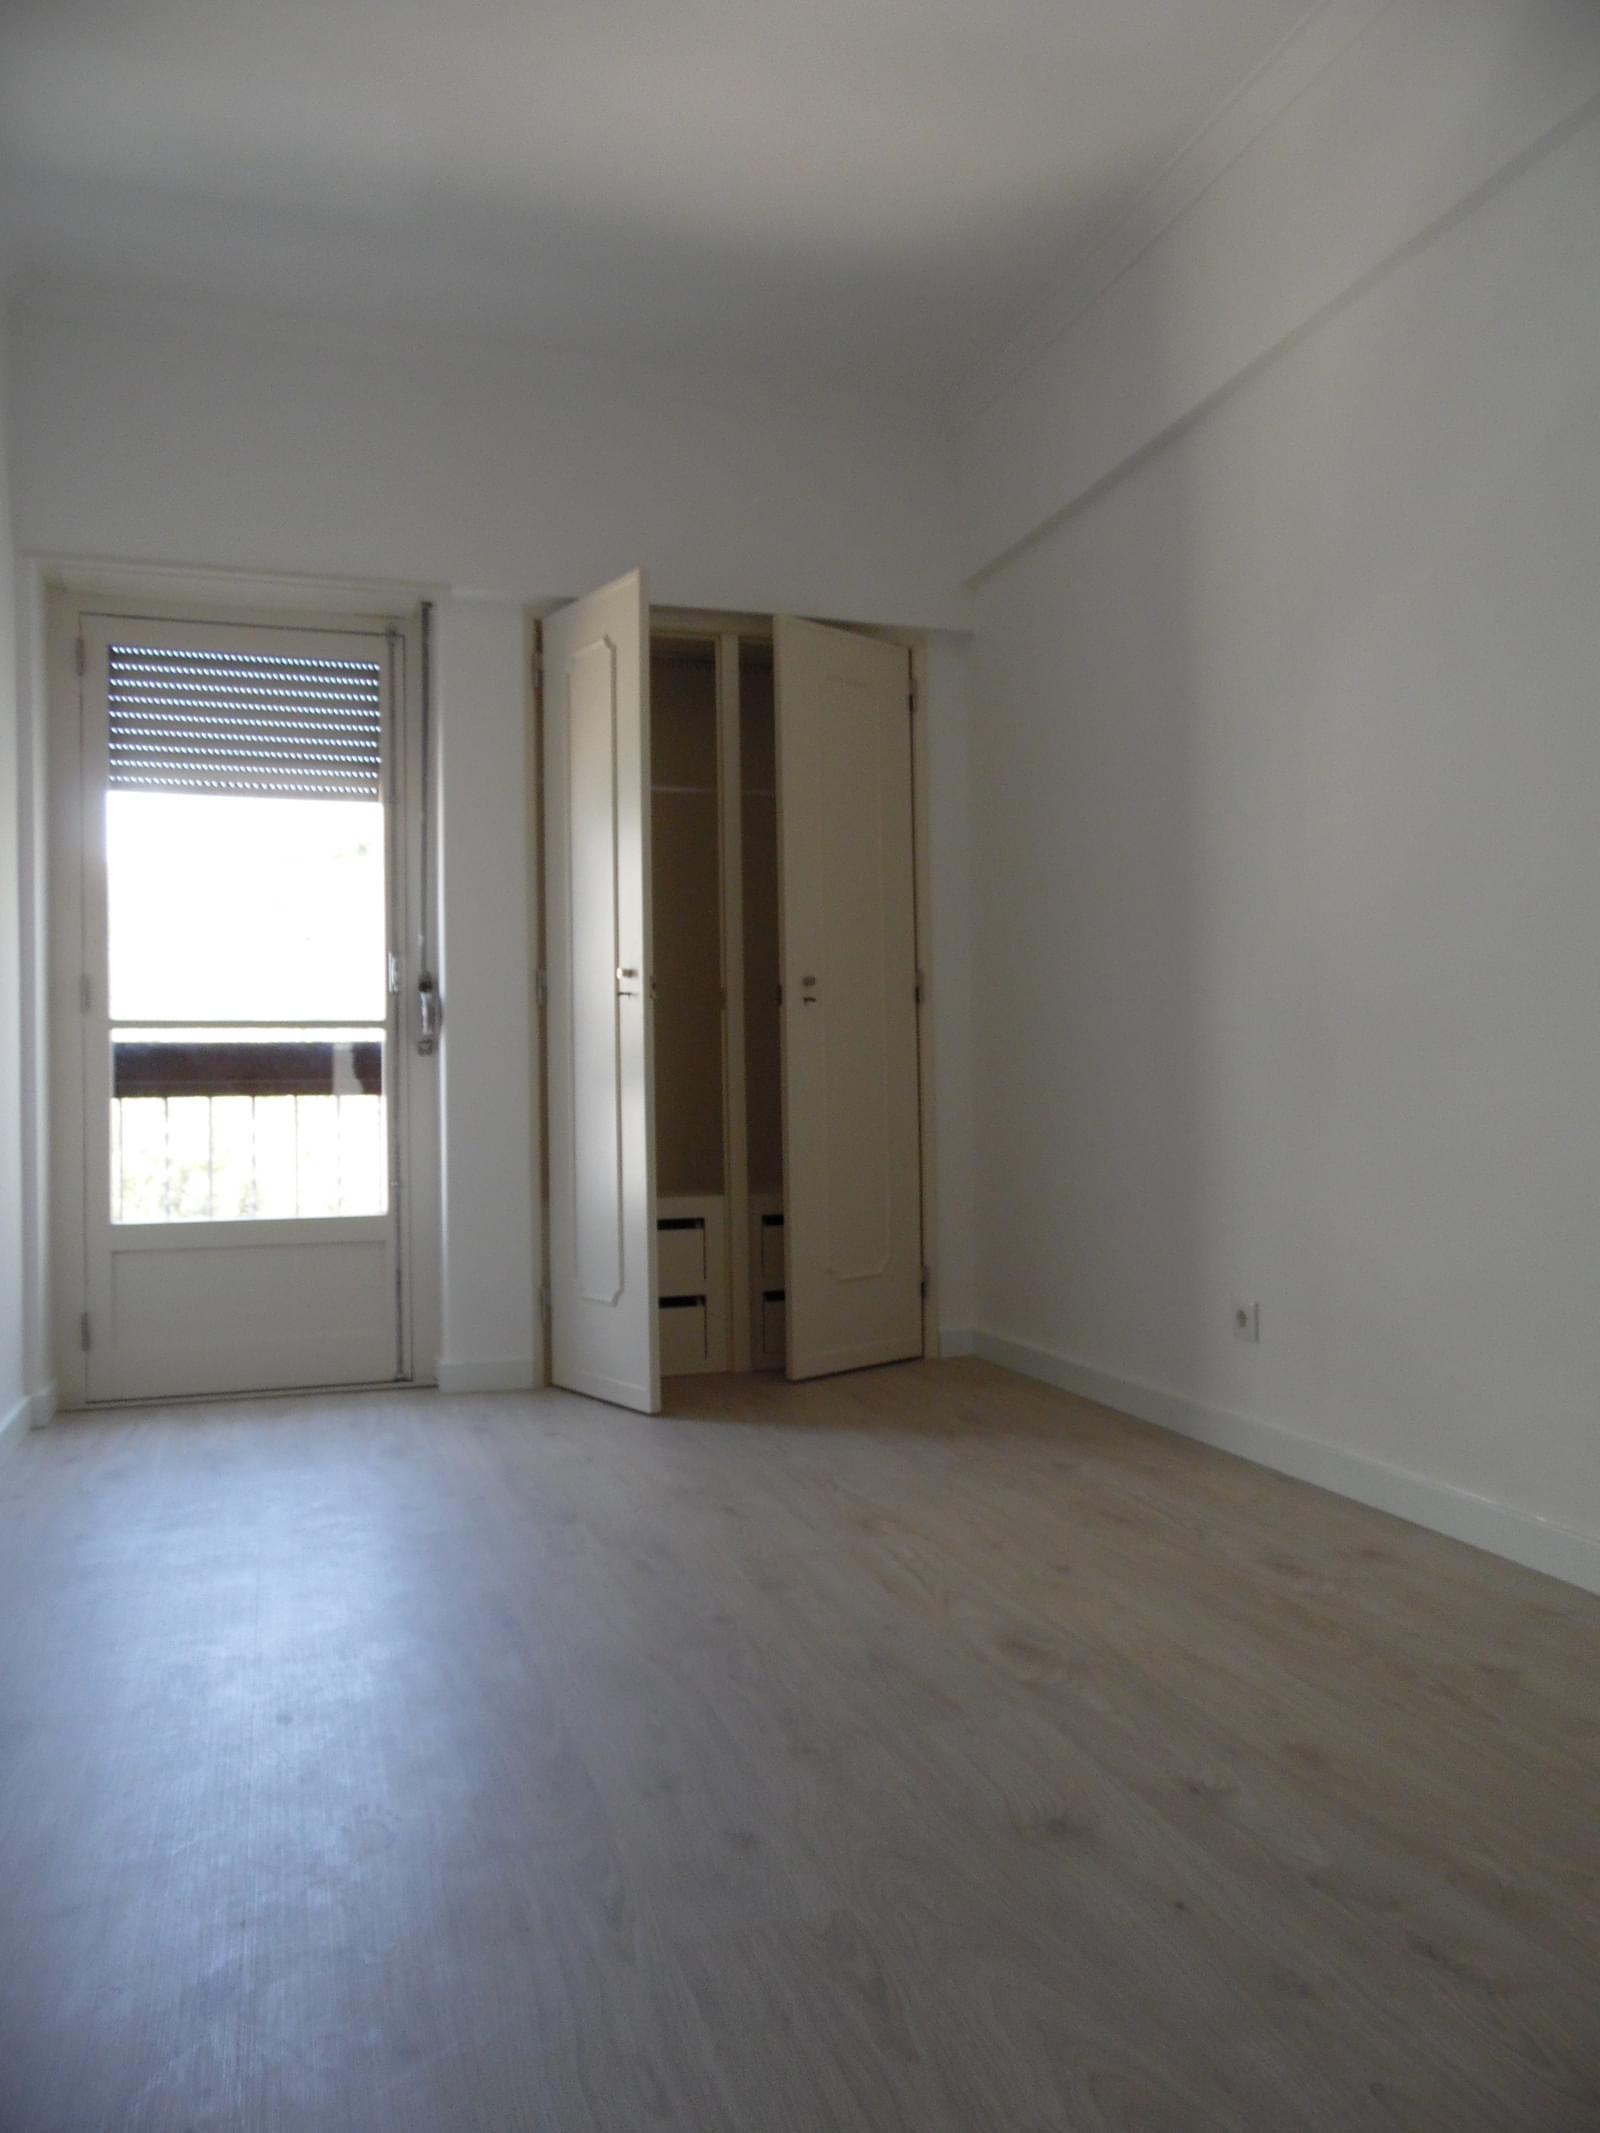 pf17195-apartamento-t3-oeiras-f0de77bb-6d13-4689-b028-c9a2a5bb9098